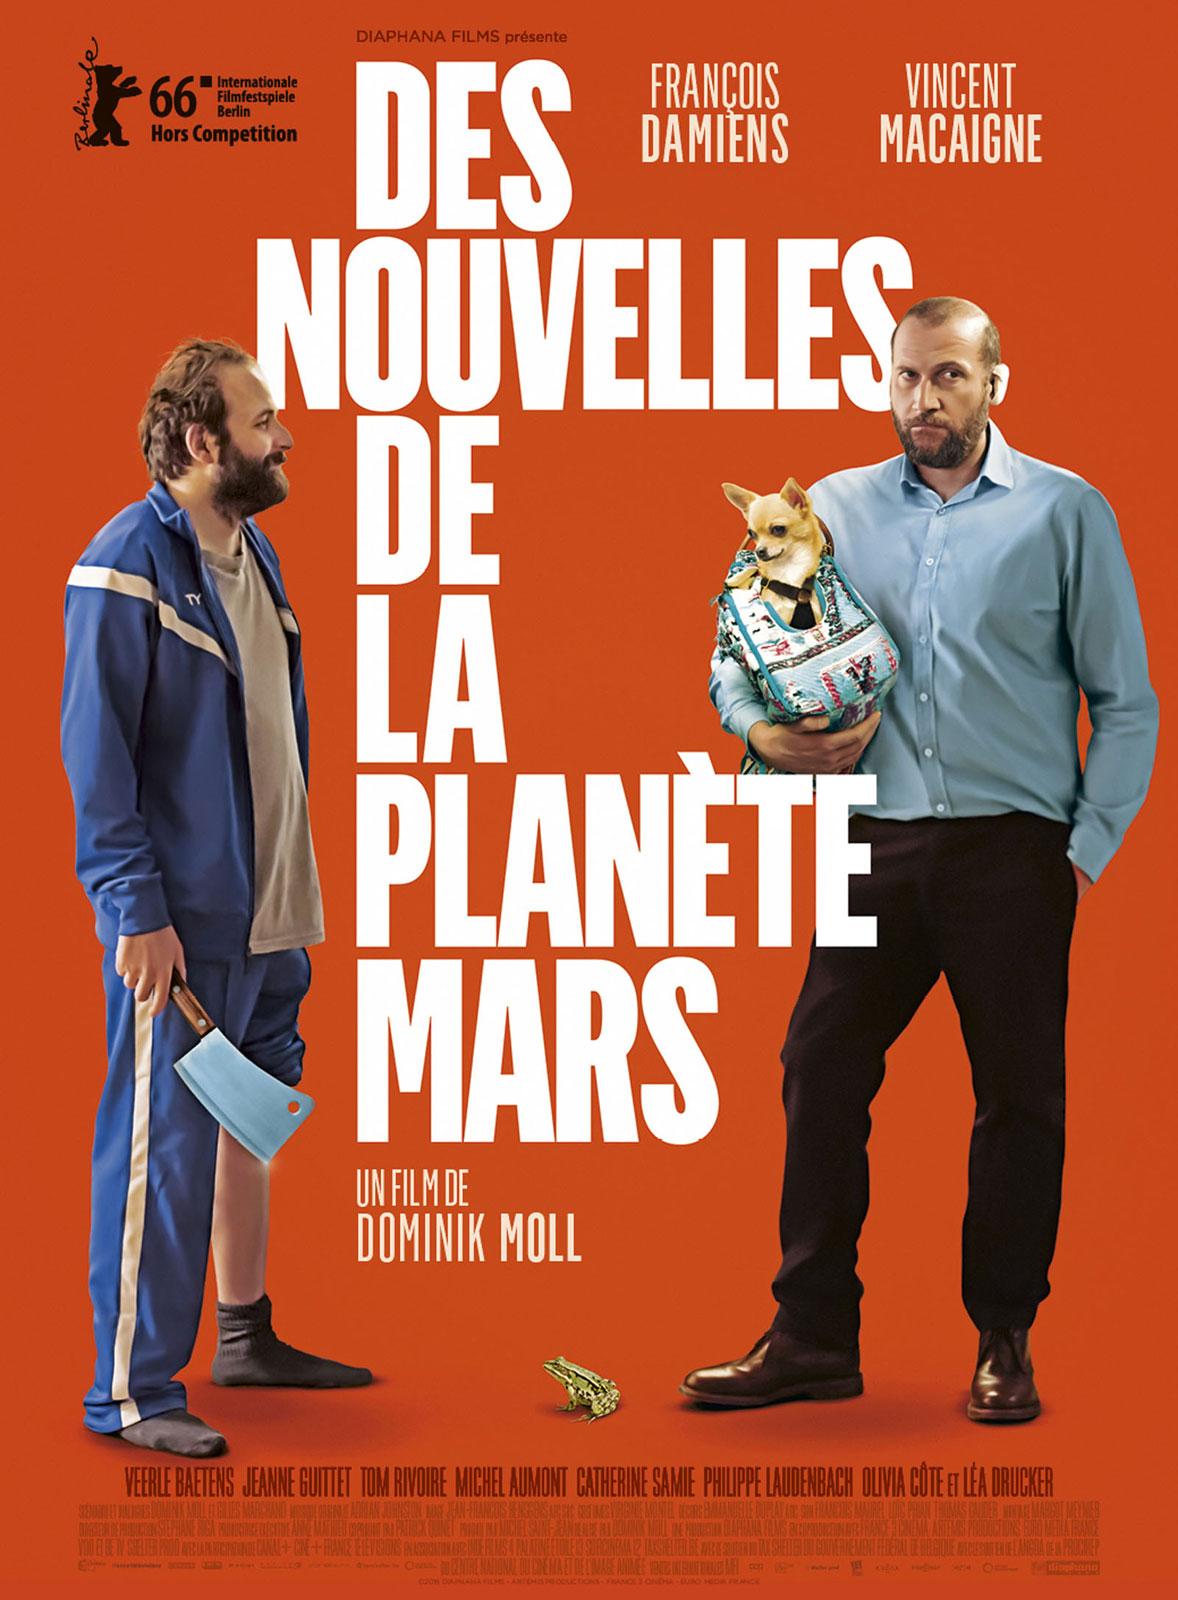 affiche du film Des nouvelles de la planète Mars